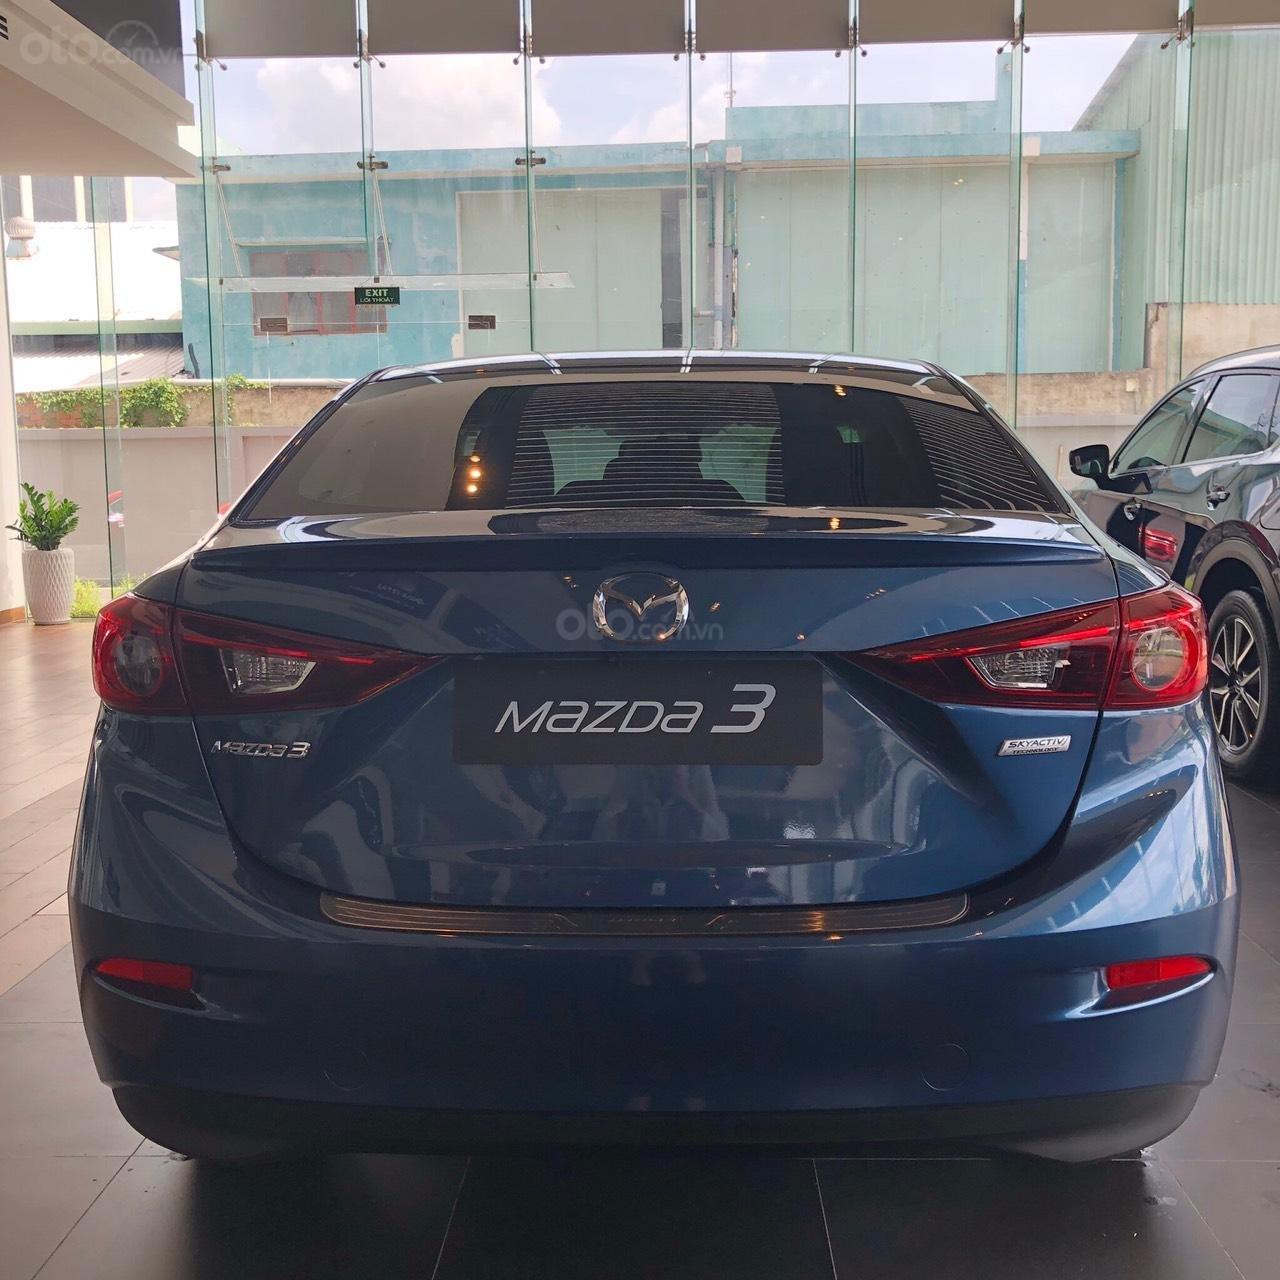 Mazda 3 ưu đãi lên đến 71 triệu - hỗ trợ 90% (4)